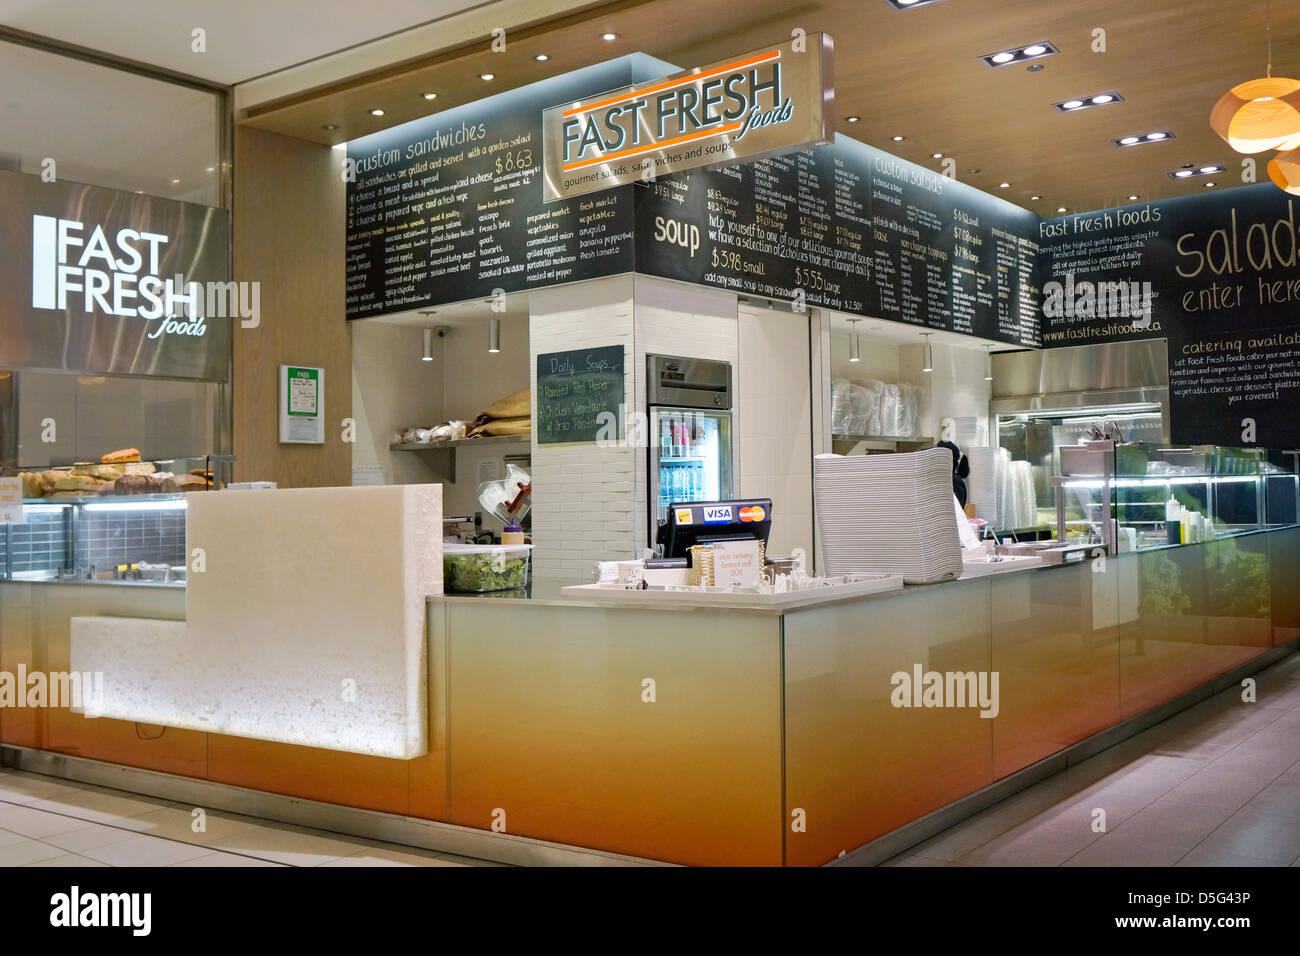 Schnell frische Lebensmittel-lokal, im Einkaufszentrum Stockbild